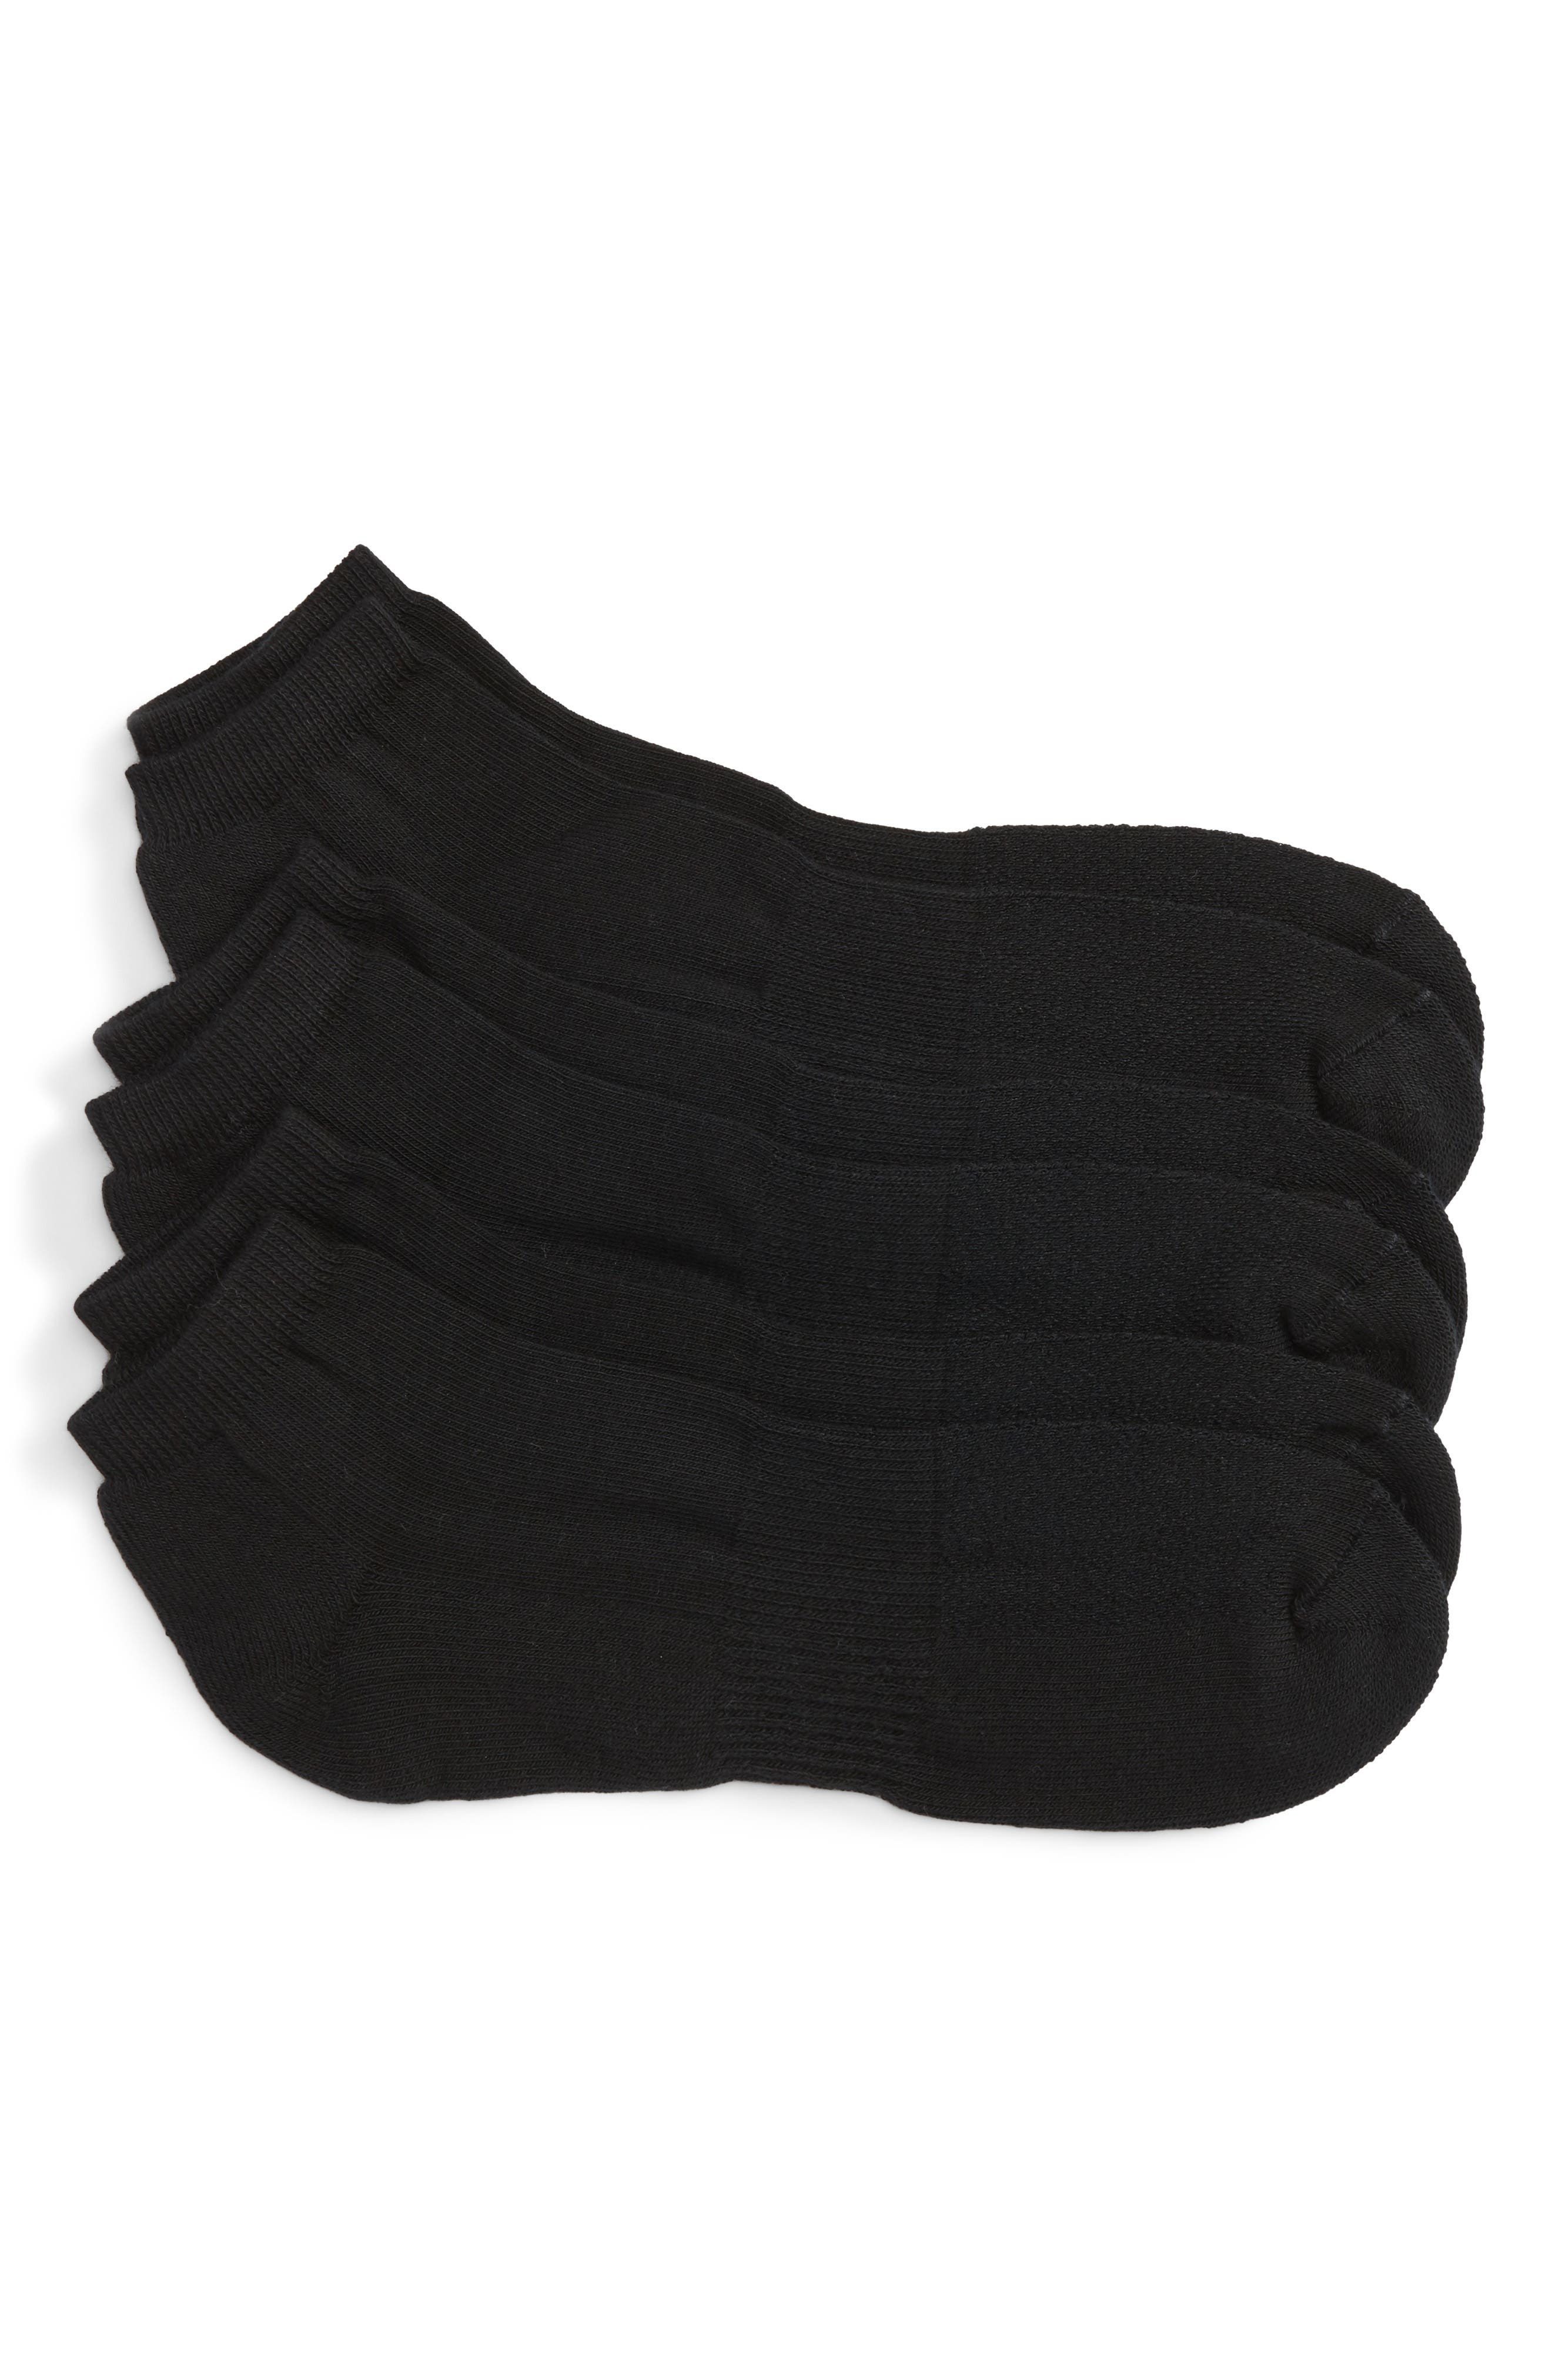 Nordstrom Men's Shop 3-Pack No-Show Athletic Socks (Big)